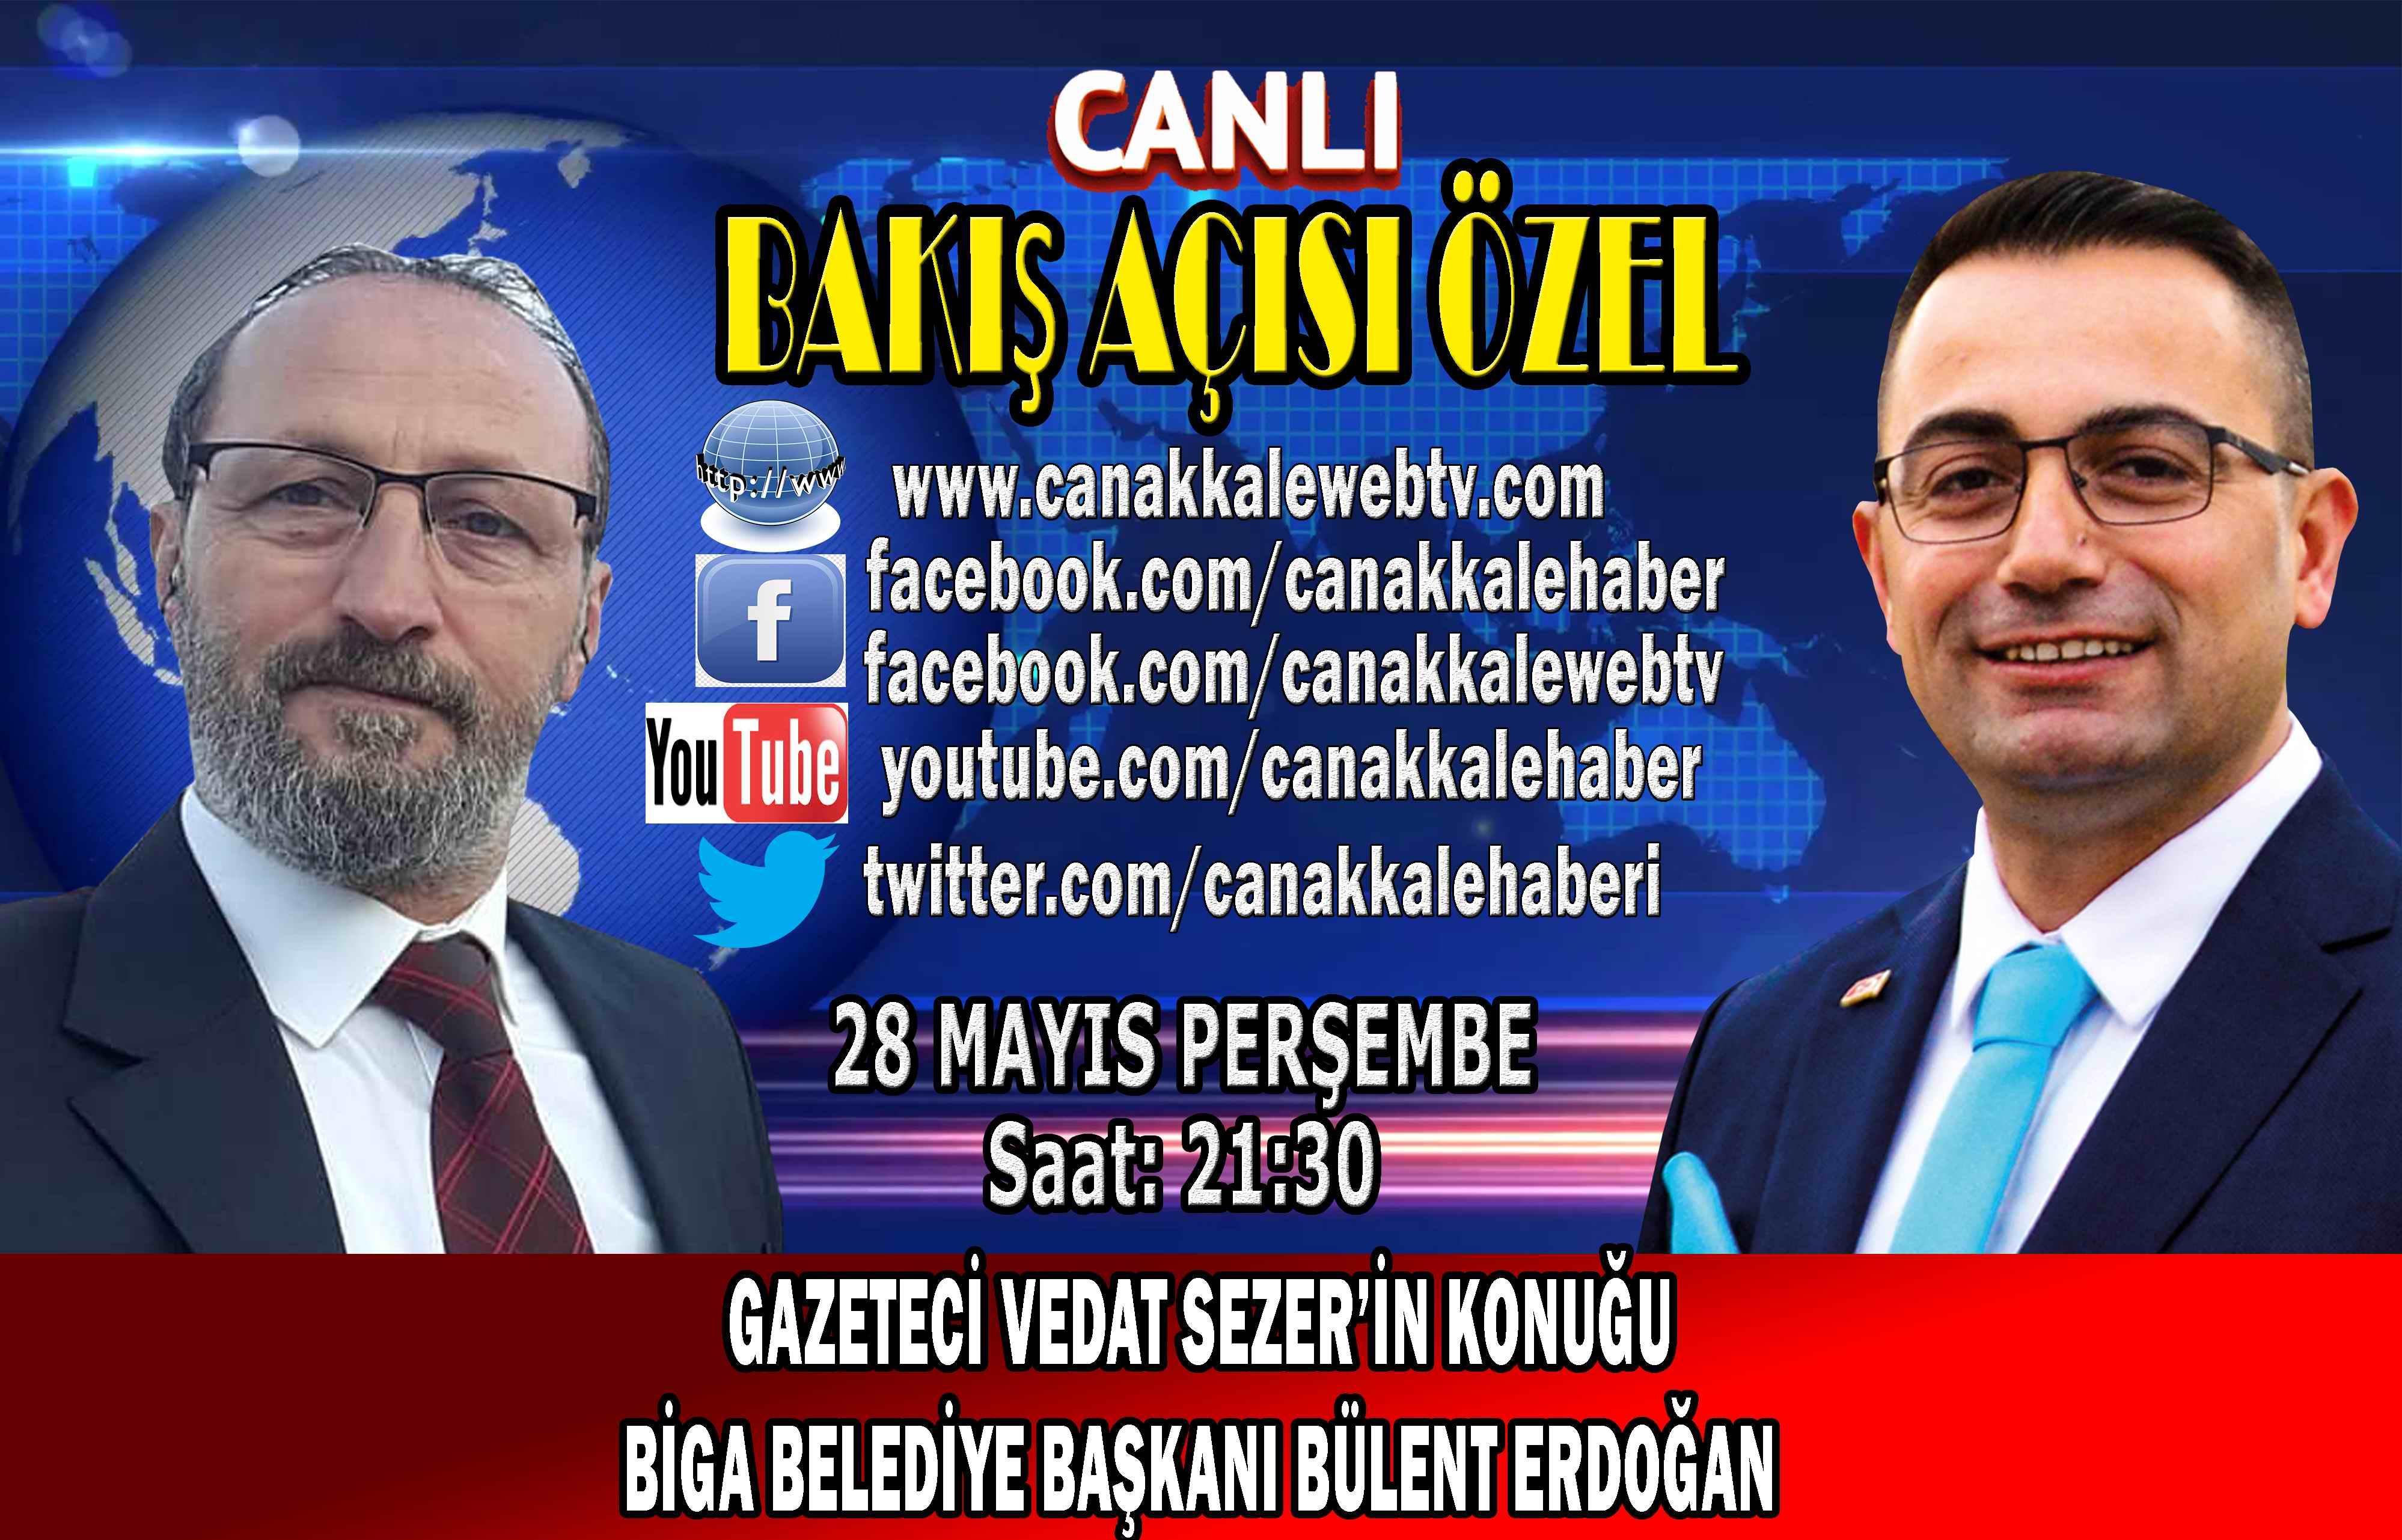 Gazeteci Vedat Sezer'in konuğu Biga Belediye Başkanı Bülent Erdoğan